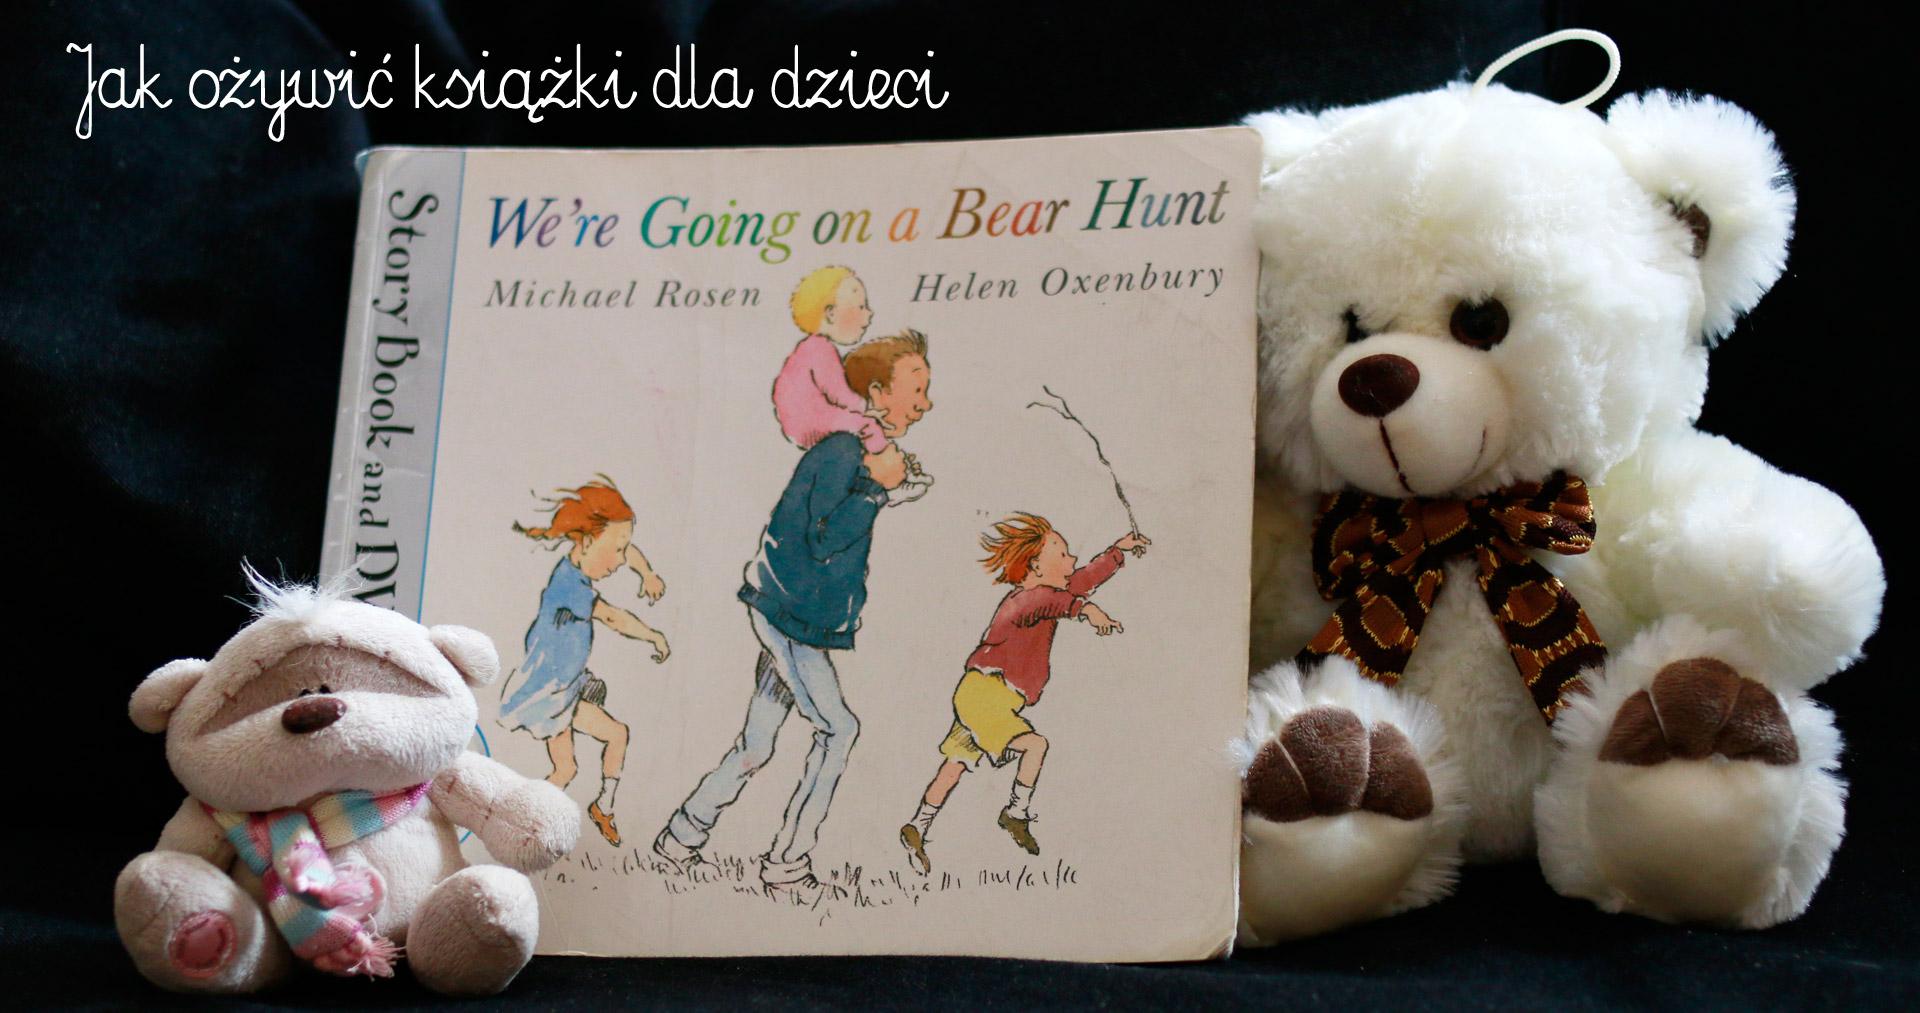 idziemy na niedźwiedzia, ksiązki dla dzieci, przygoda z książką